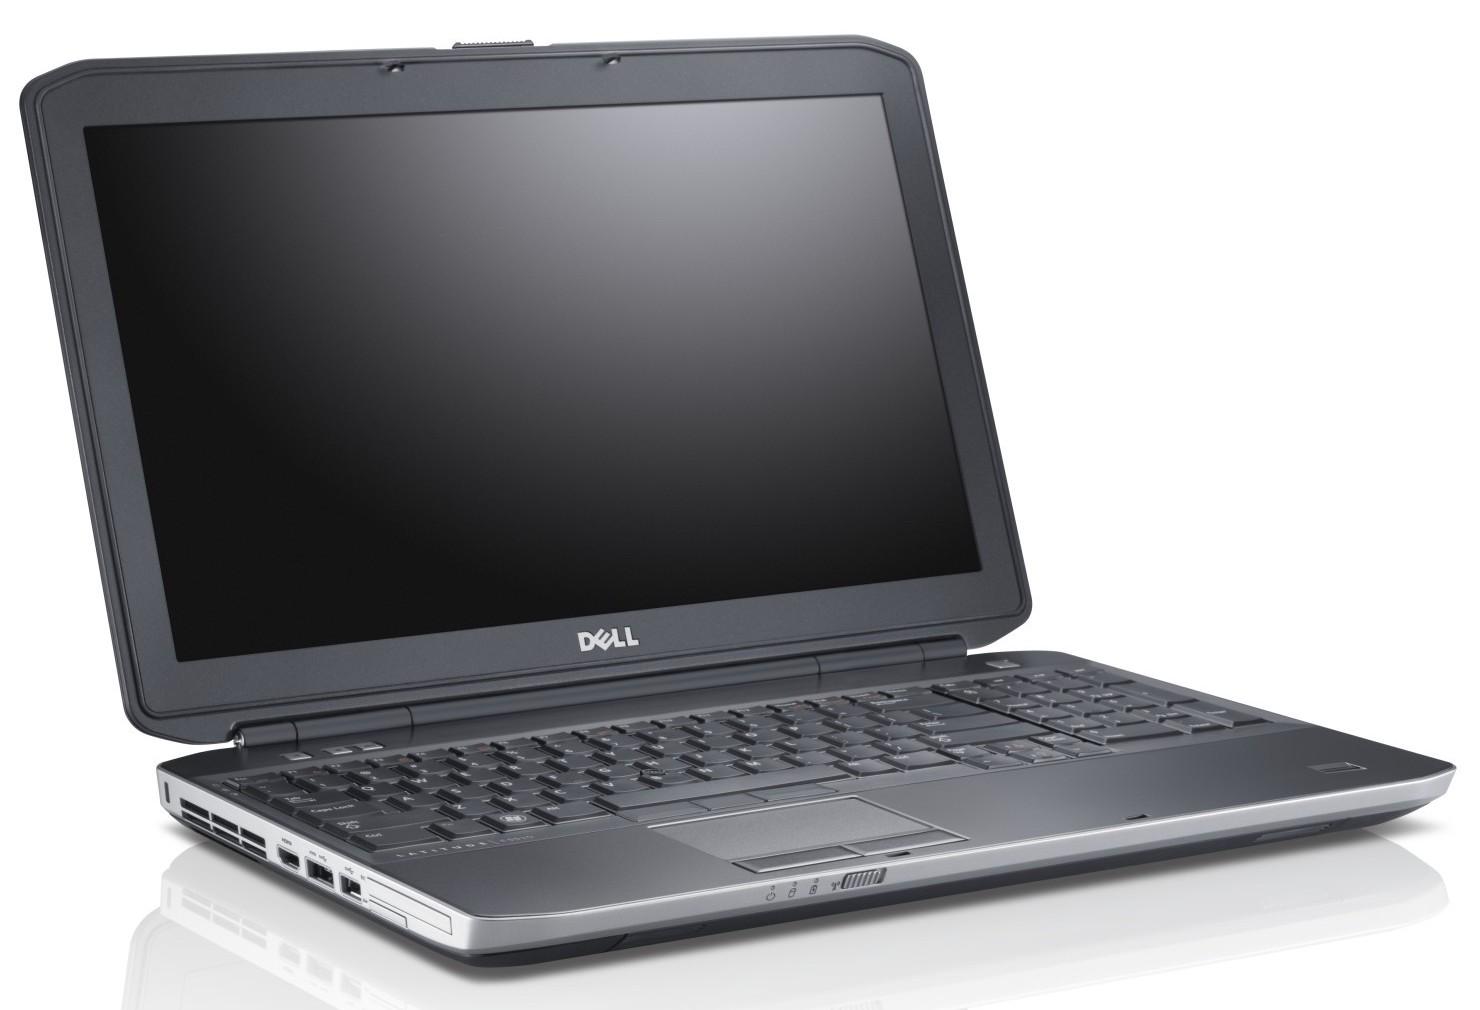 中古ノートパソコンDell Latitude E5530 E5530 【中古】 Dell Latitude E5530 中古ノートパソコンCore i5 Win7 Pro Dell Latitude E5530 中古ノートパソコンCore i5 Win7 Pro